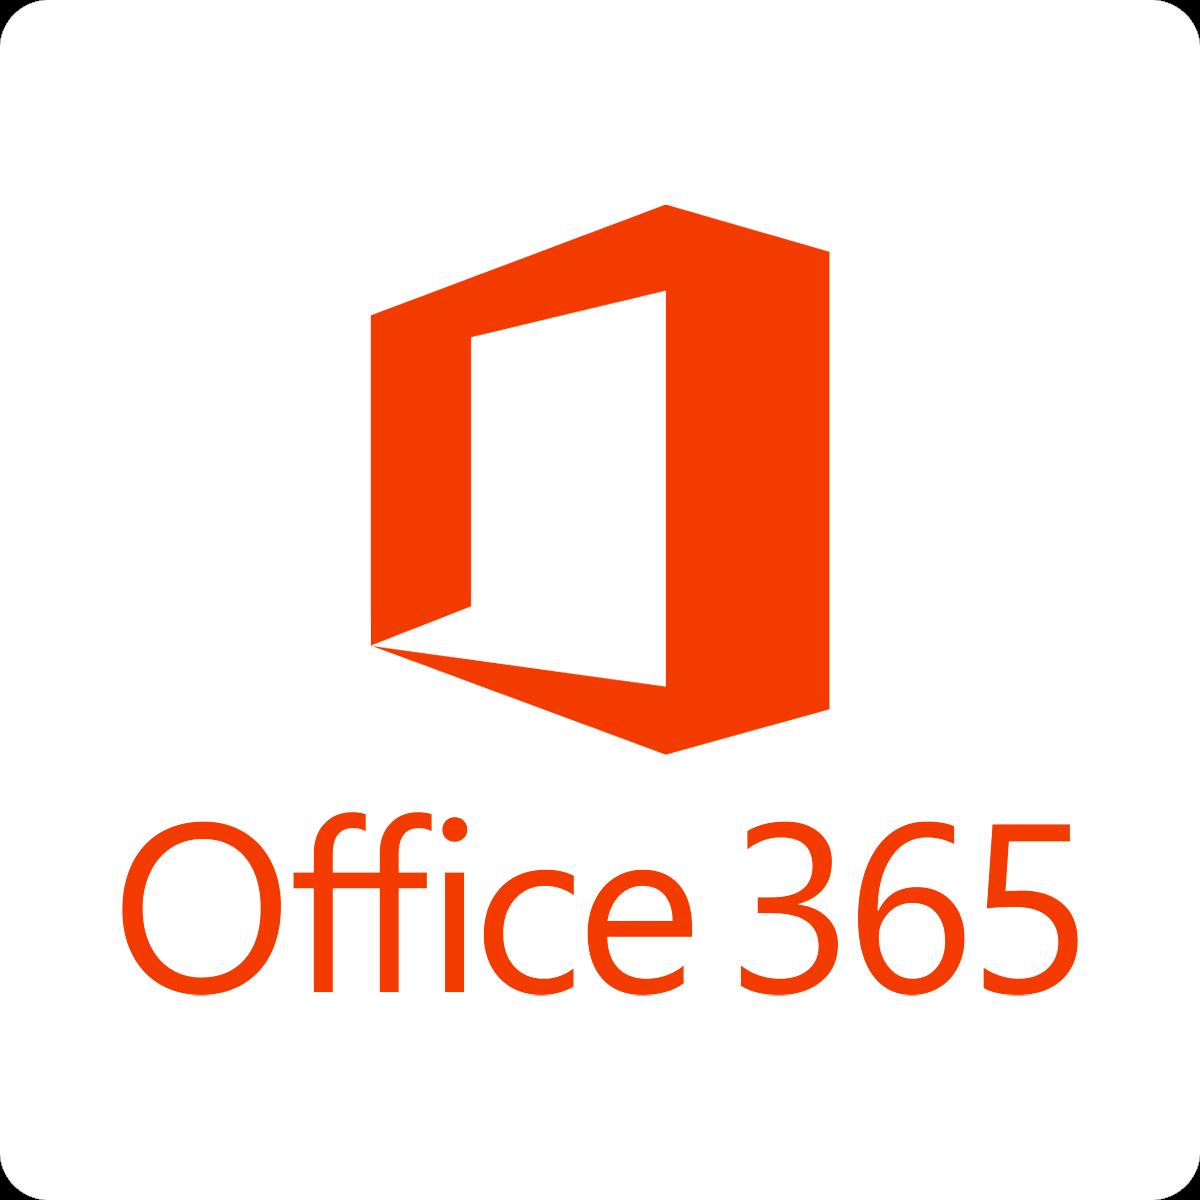 Office 365 grande